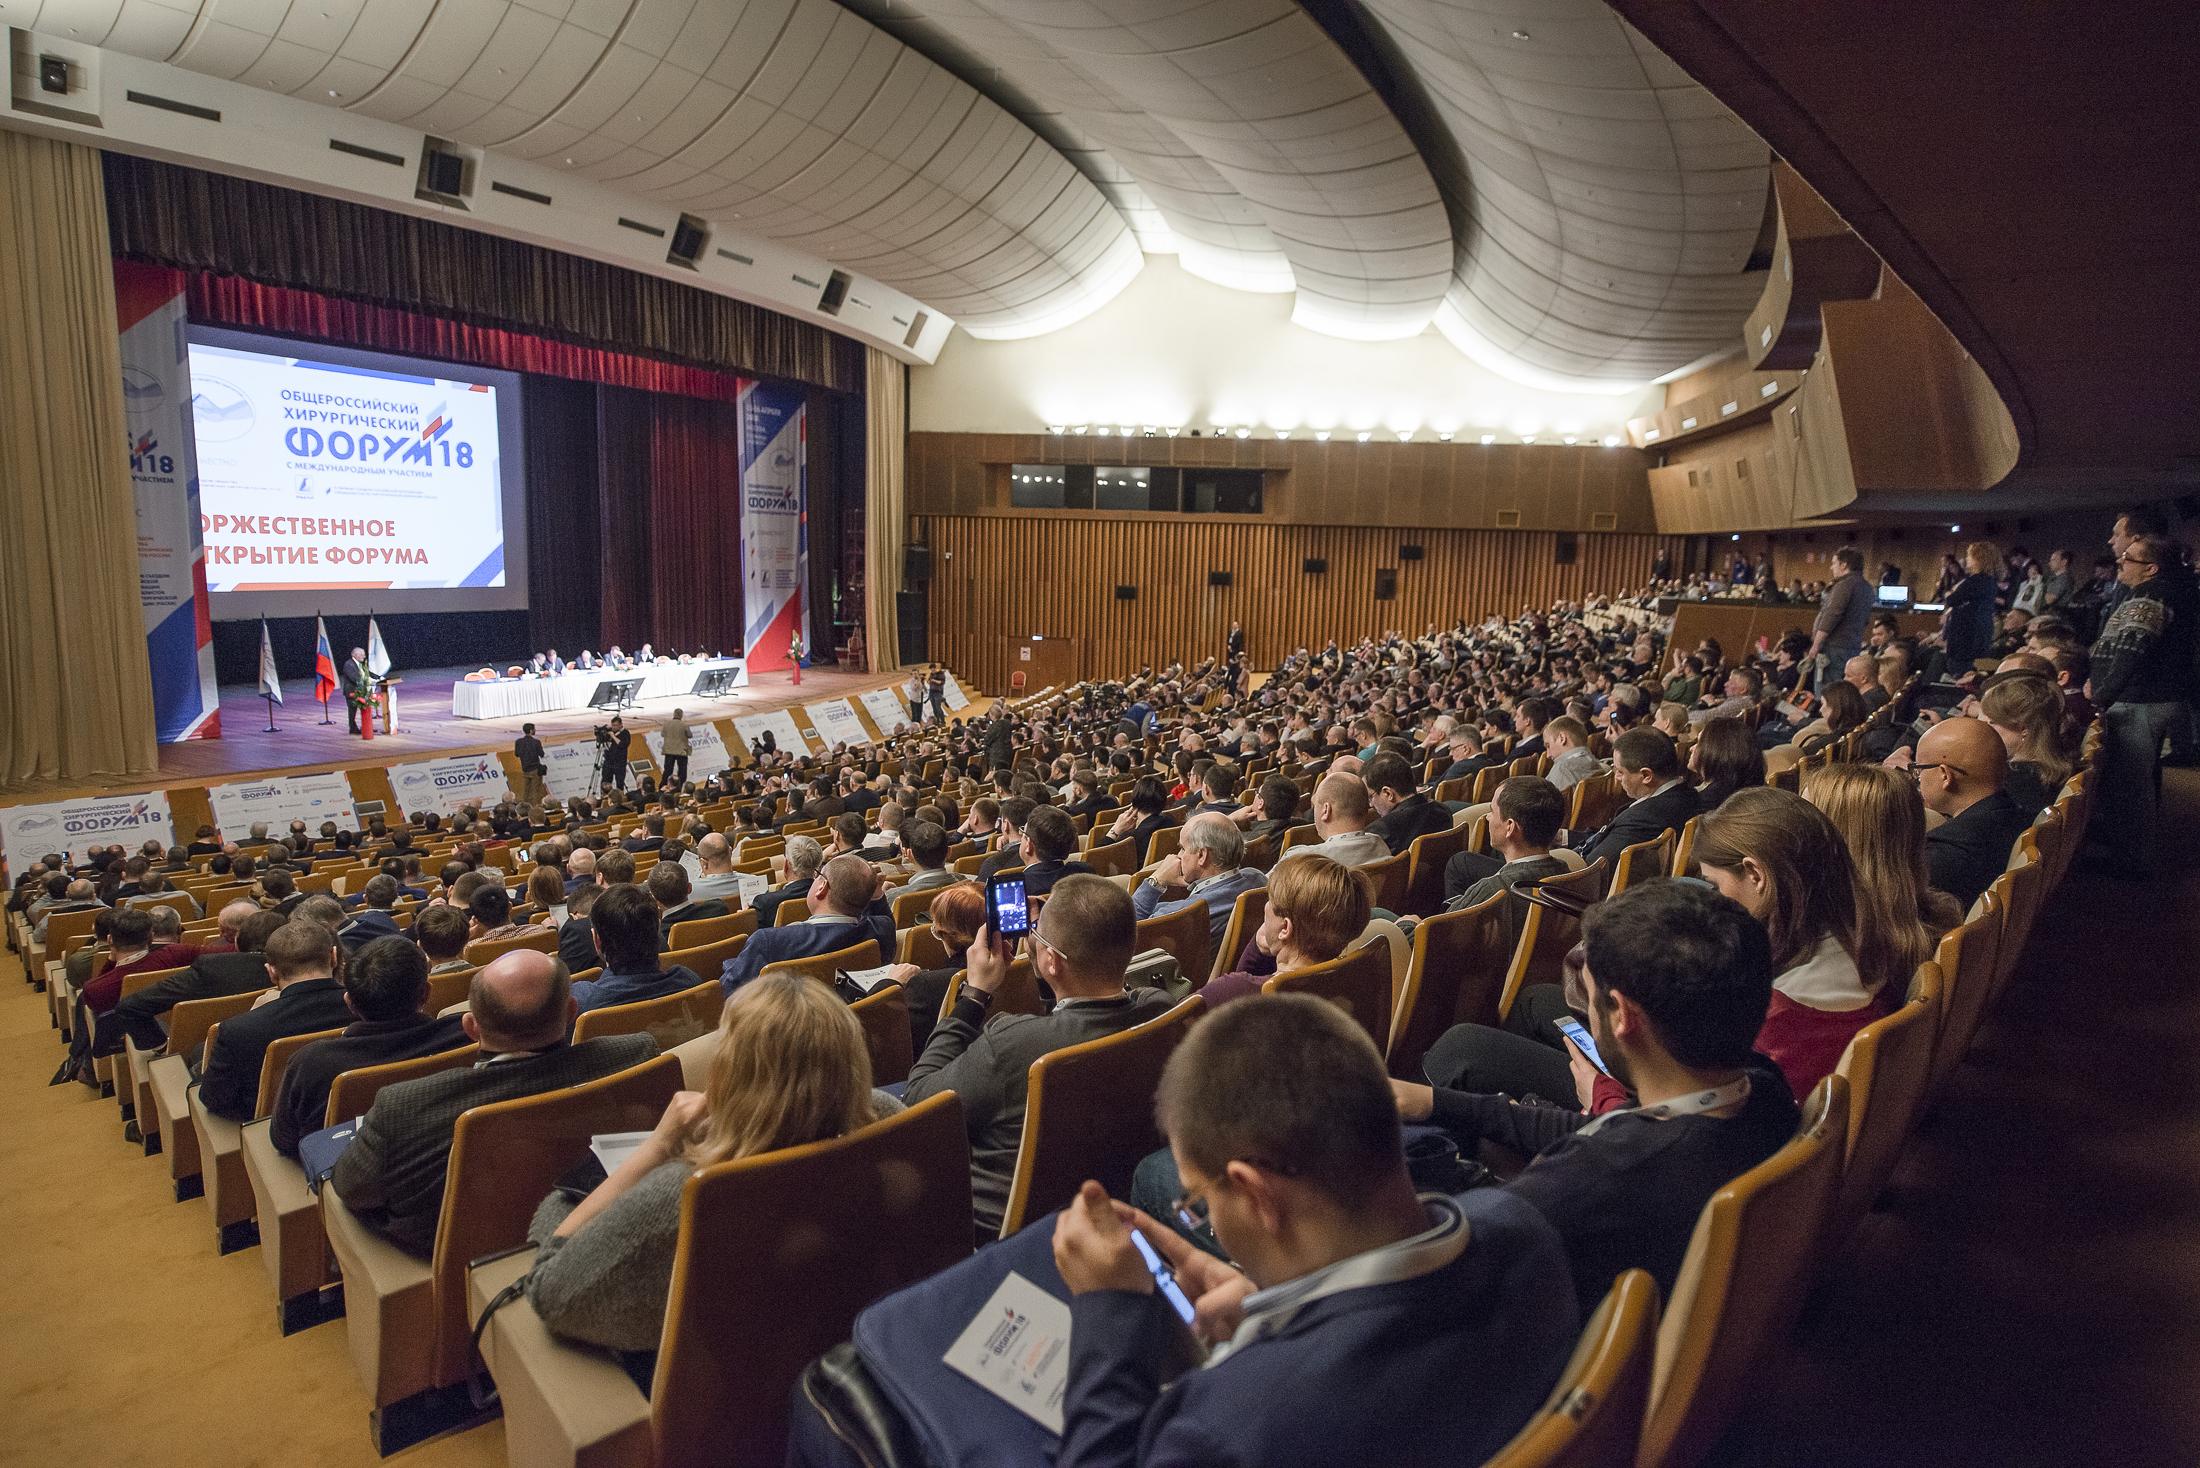 10 хирургов областной больницы посетили общероссийский хирургический форум — 2018